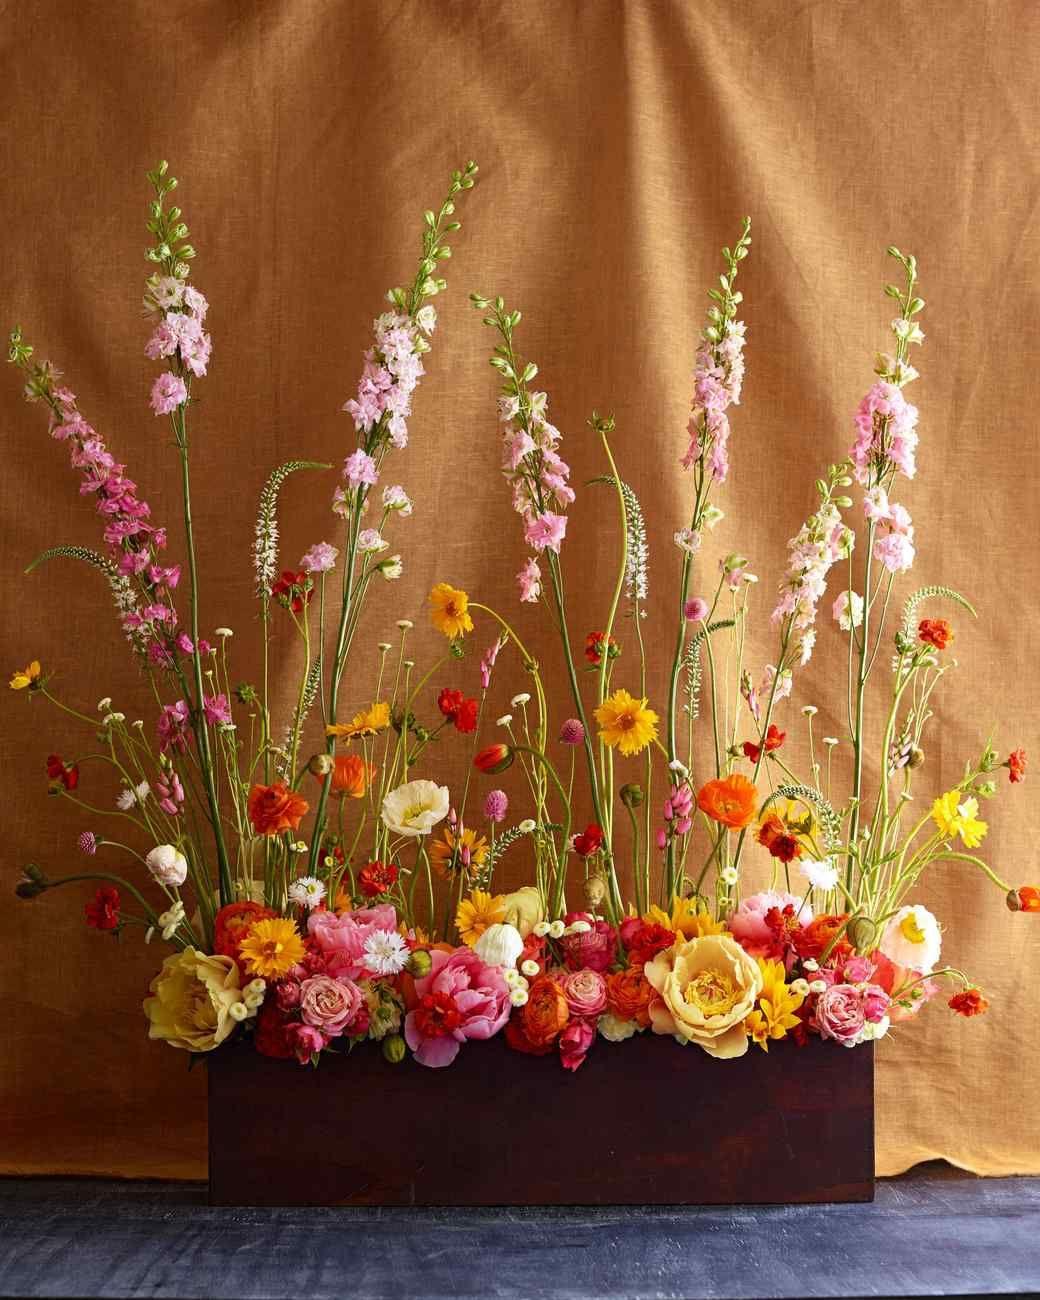 bohemian floral centerpiece